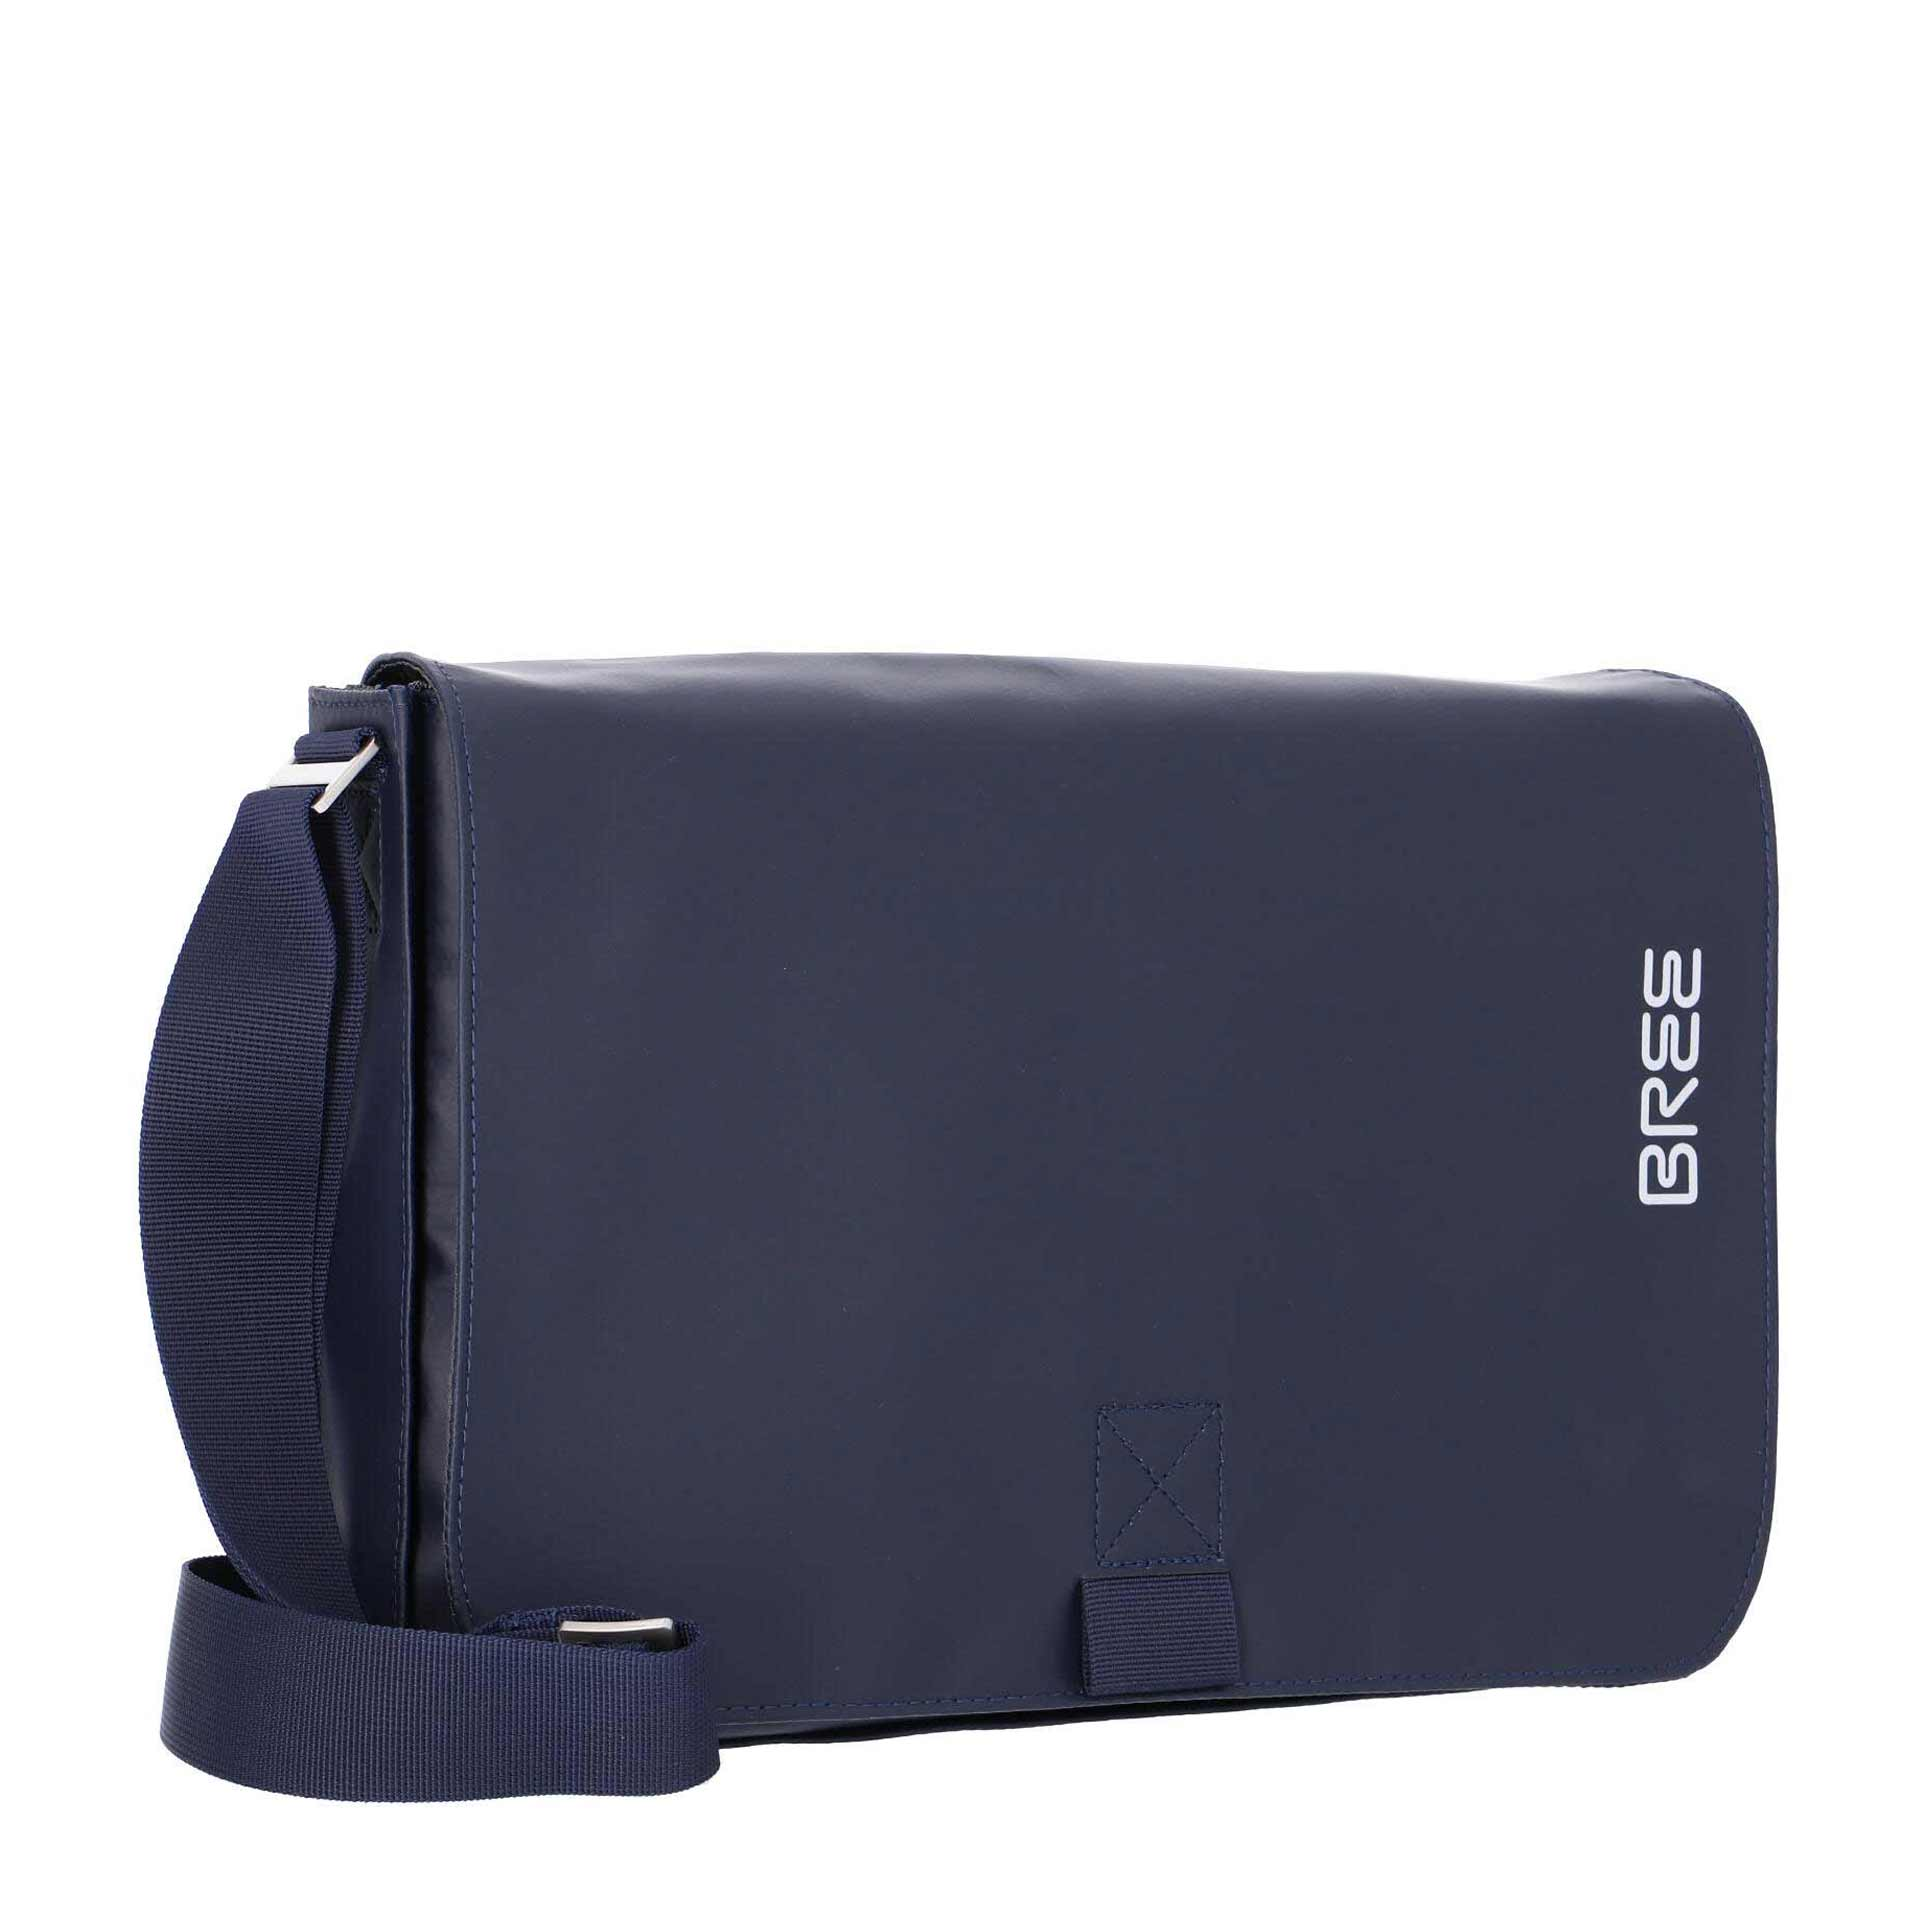 Bree PNCH 62 Kuriertasche blue